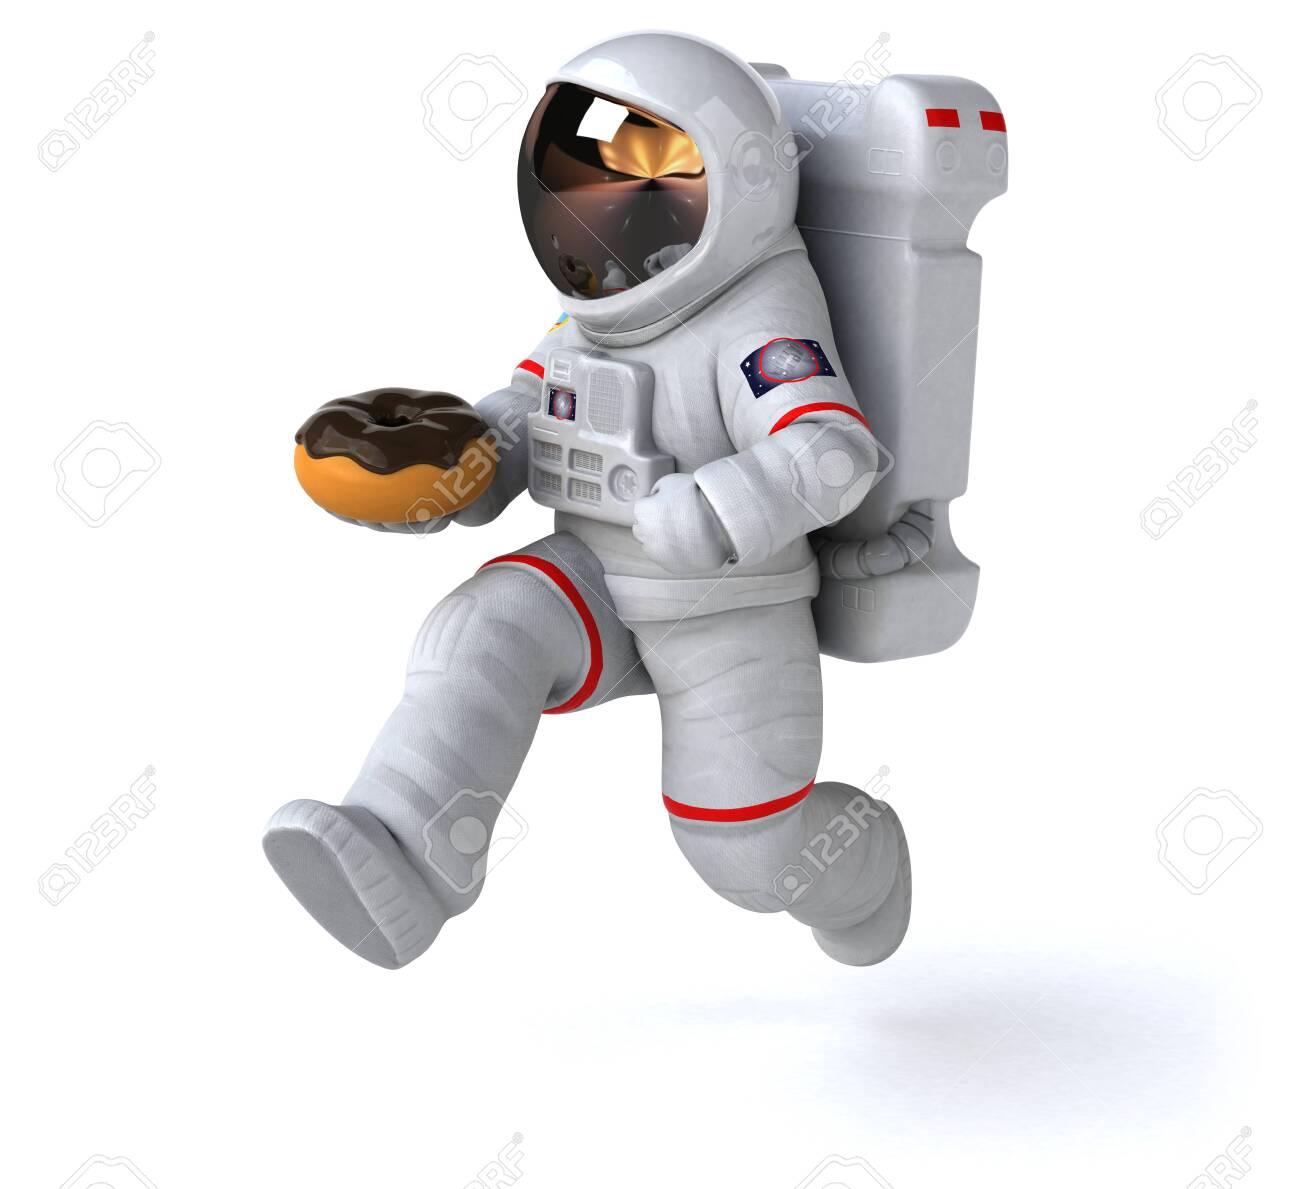 Fun astronaut - 3D Illustration - 131571138